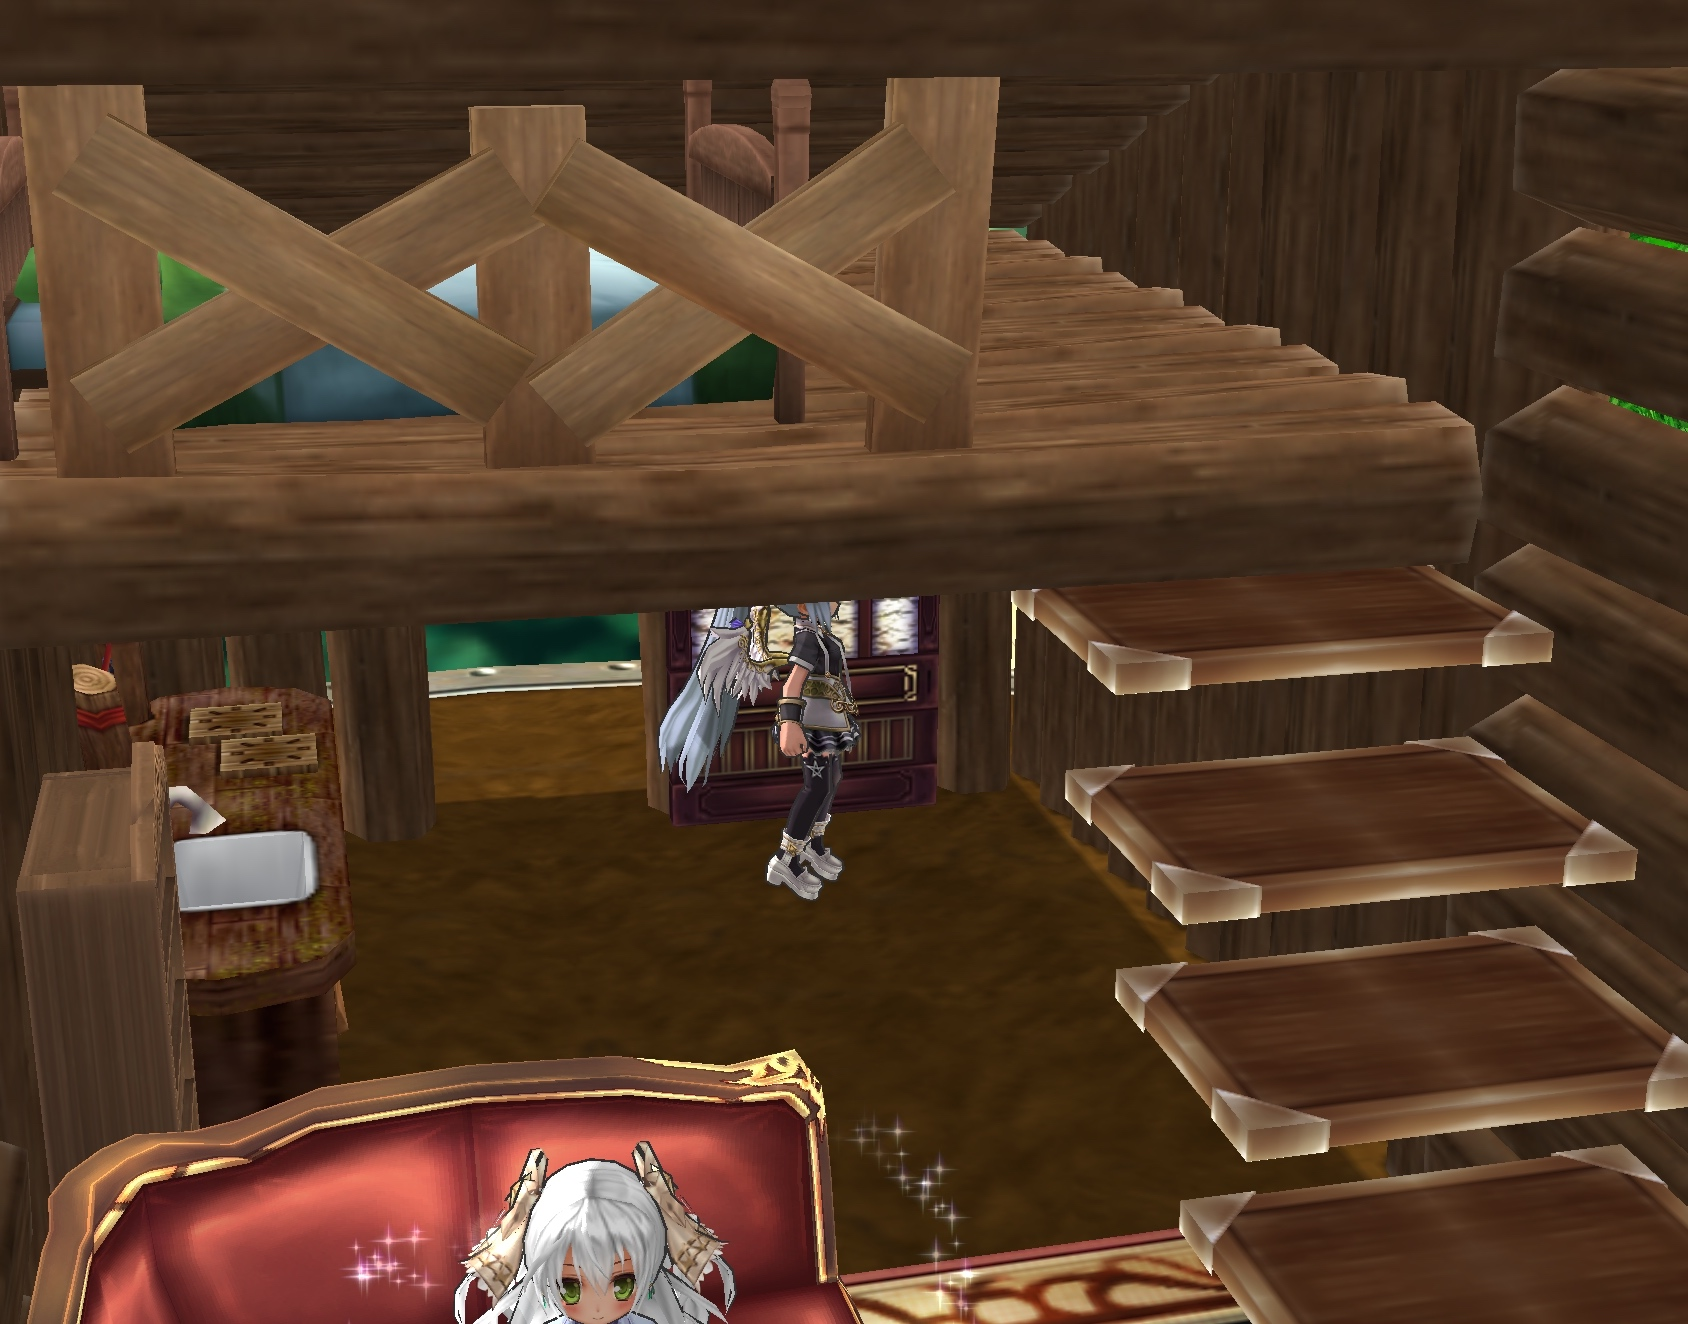 15_丸太の家、内側